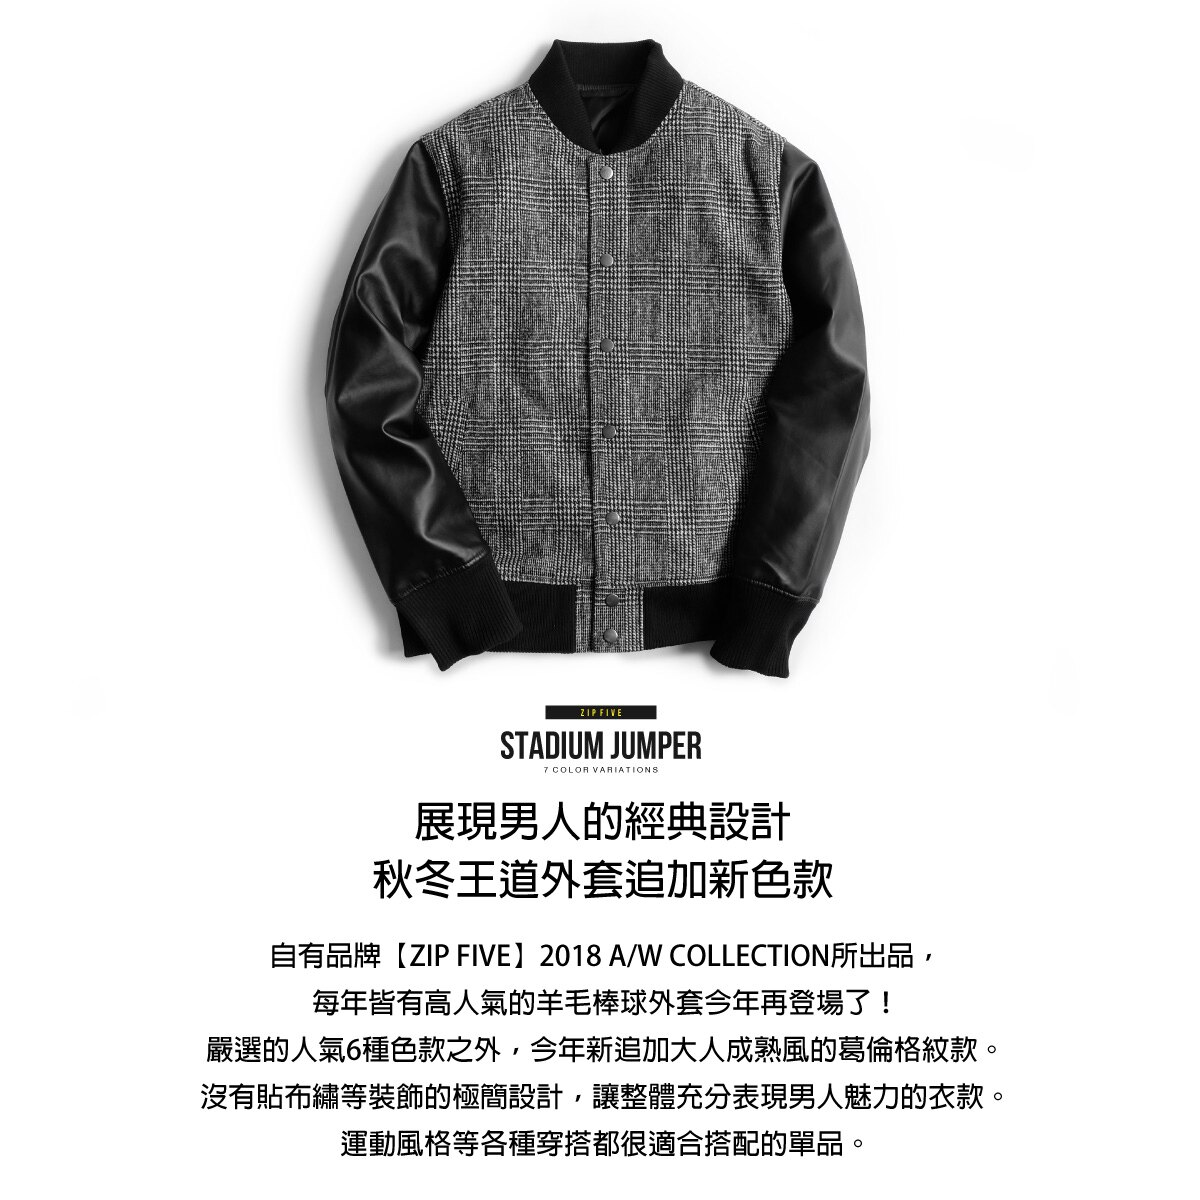 【現貨】 羊毛棒球外套 拼接皮革 5